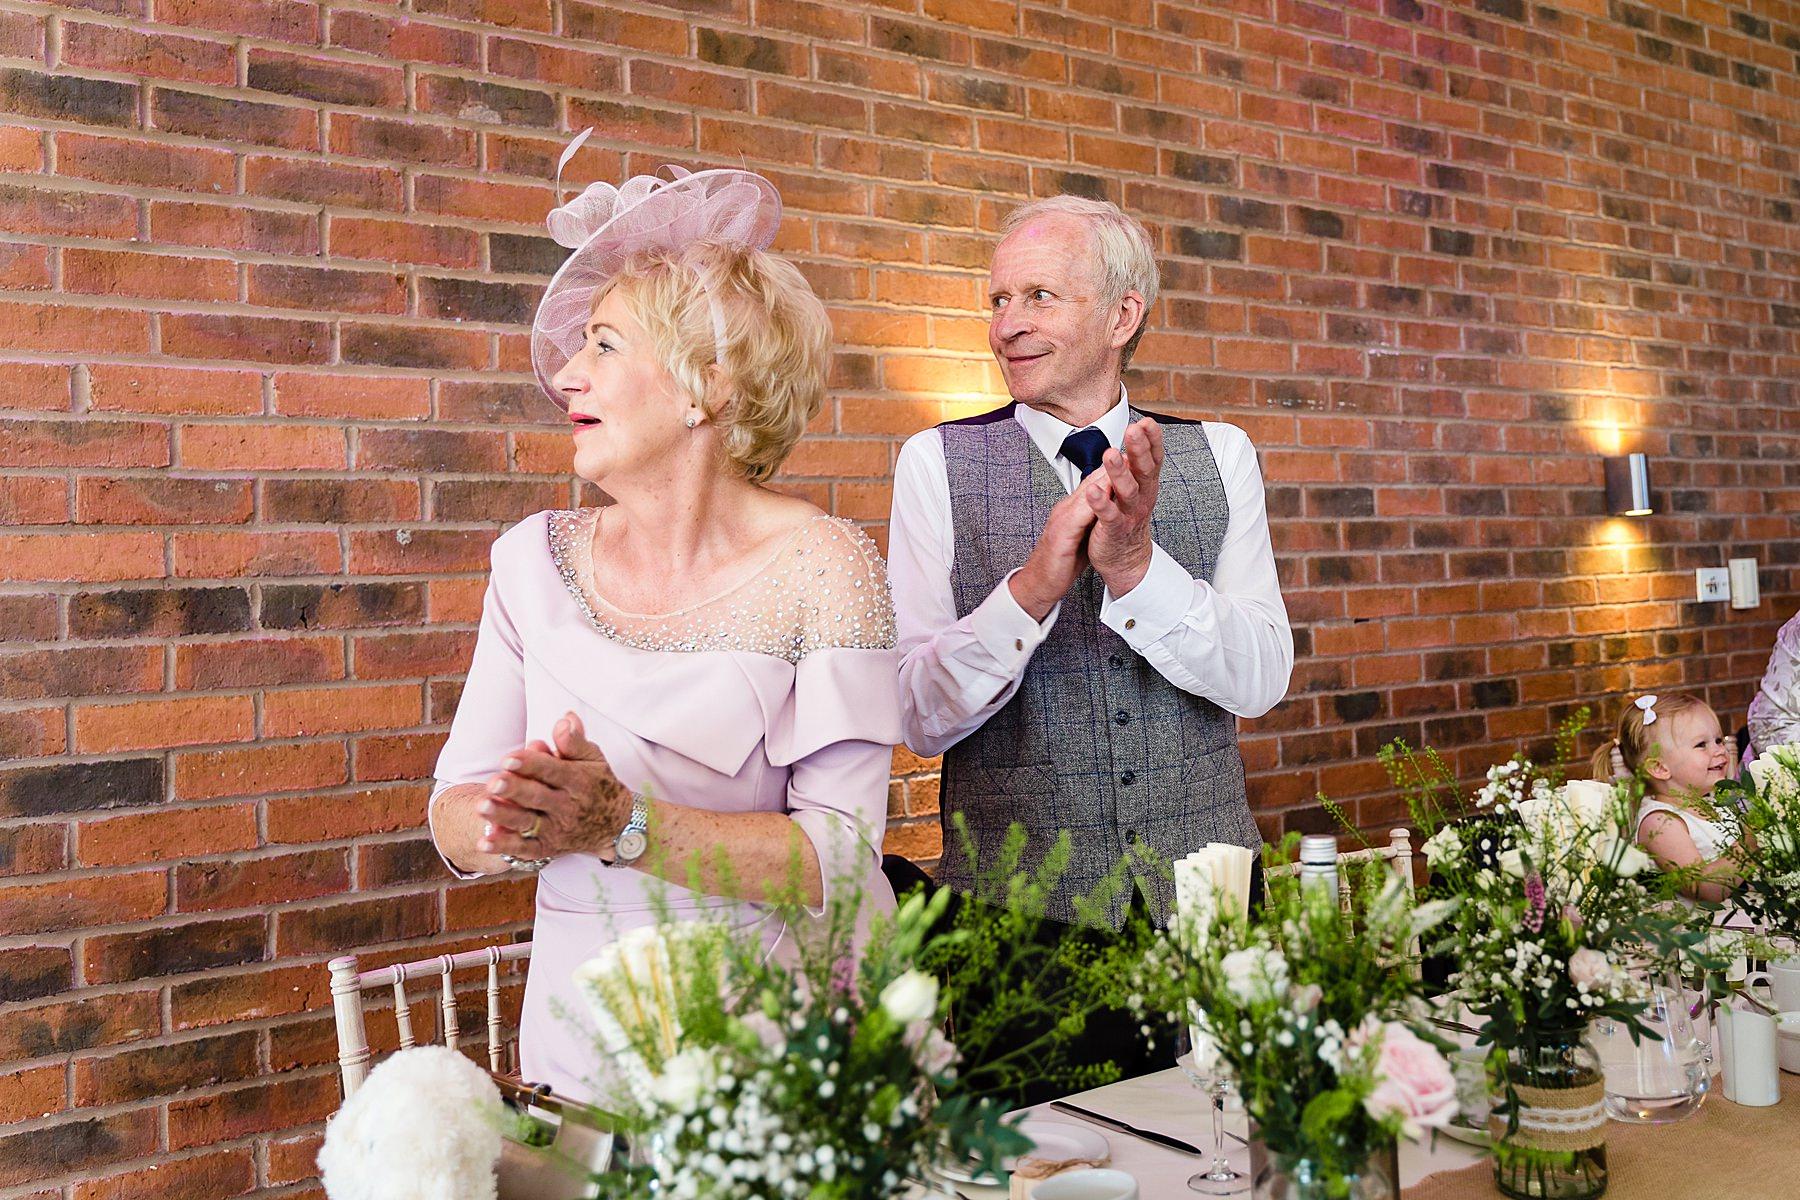 guests applaud